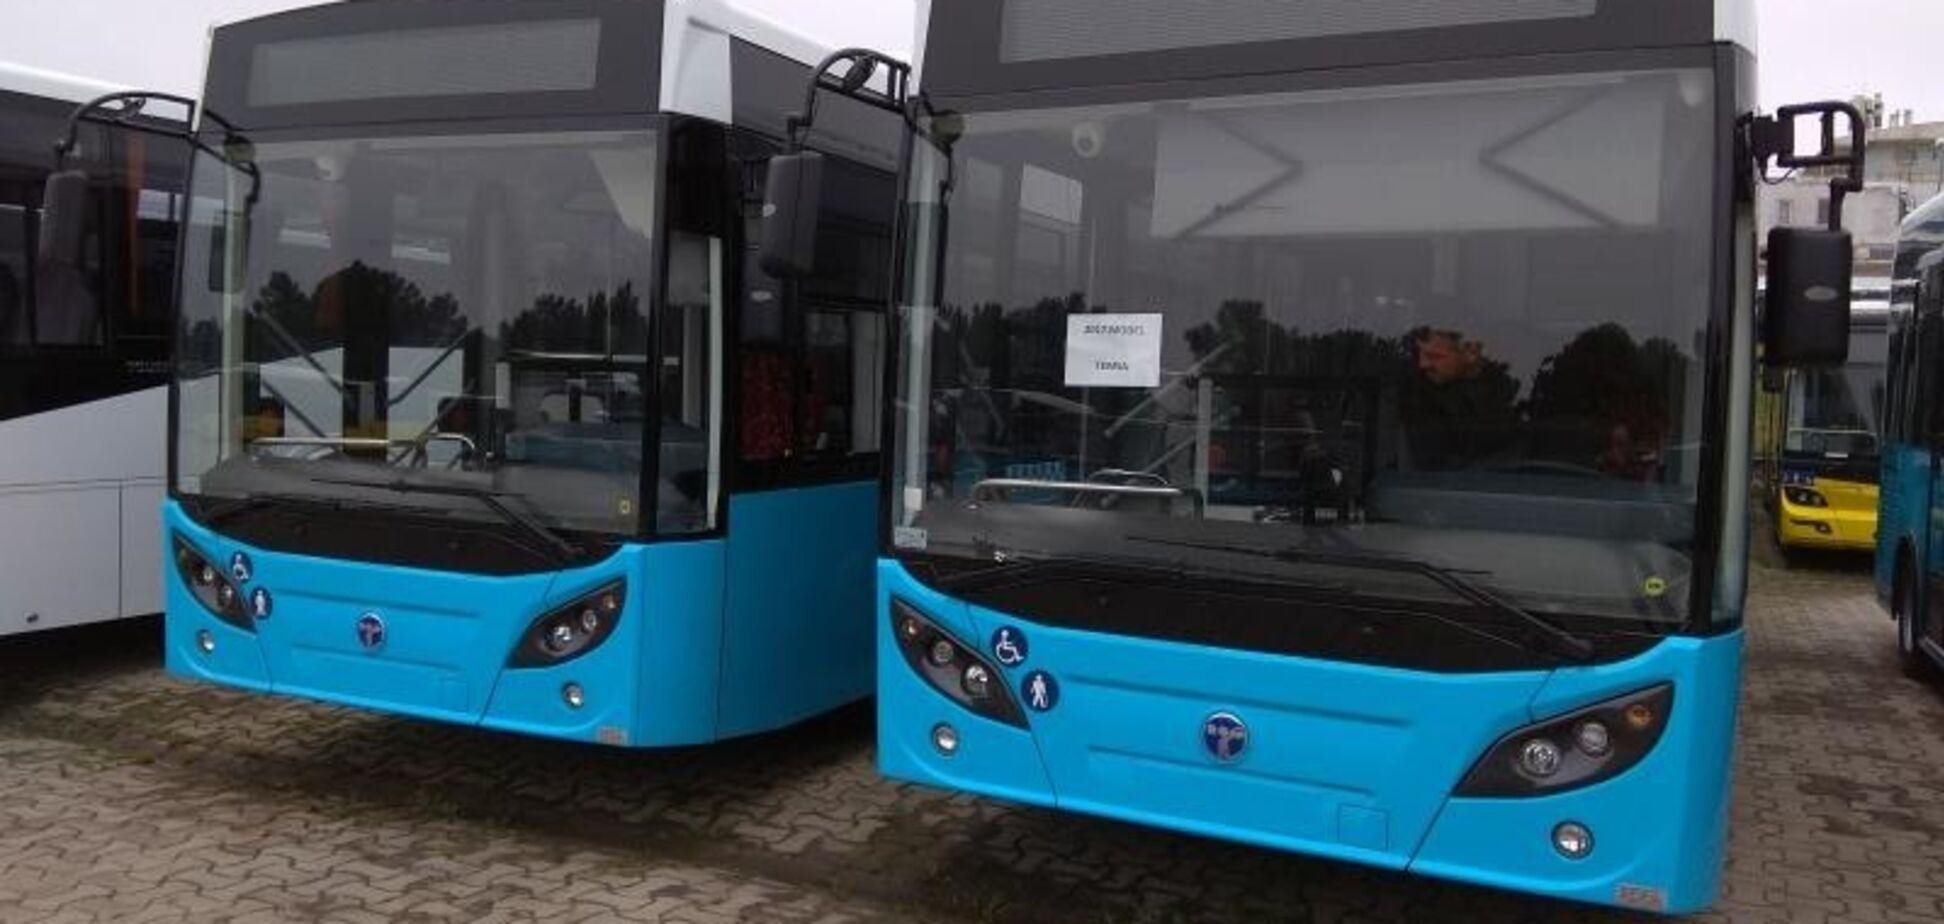 З камерами і 'Євро-6': Львів має намір закупити турецькі автобуси